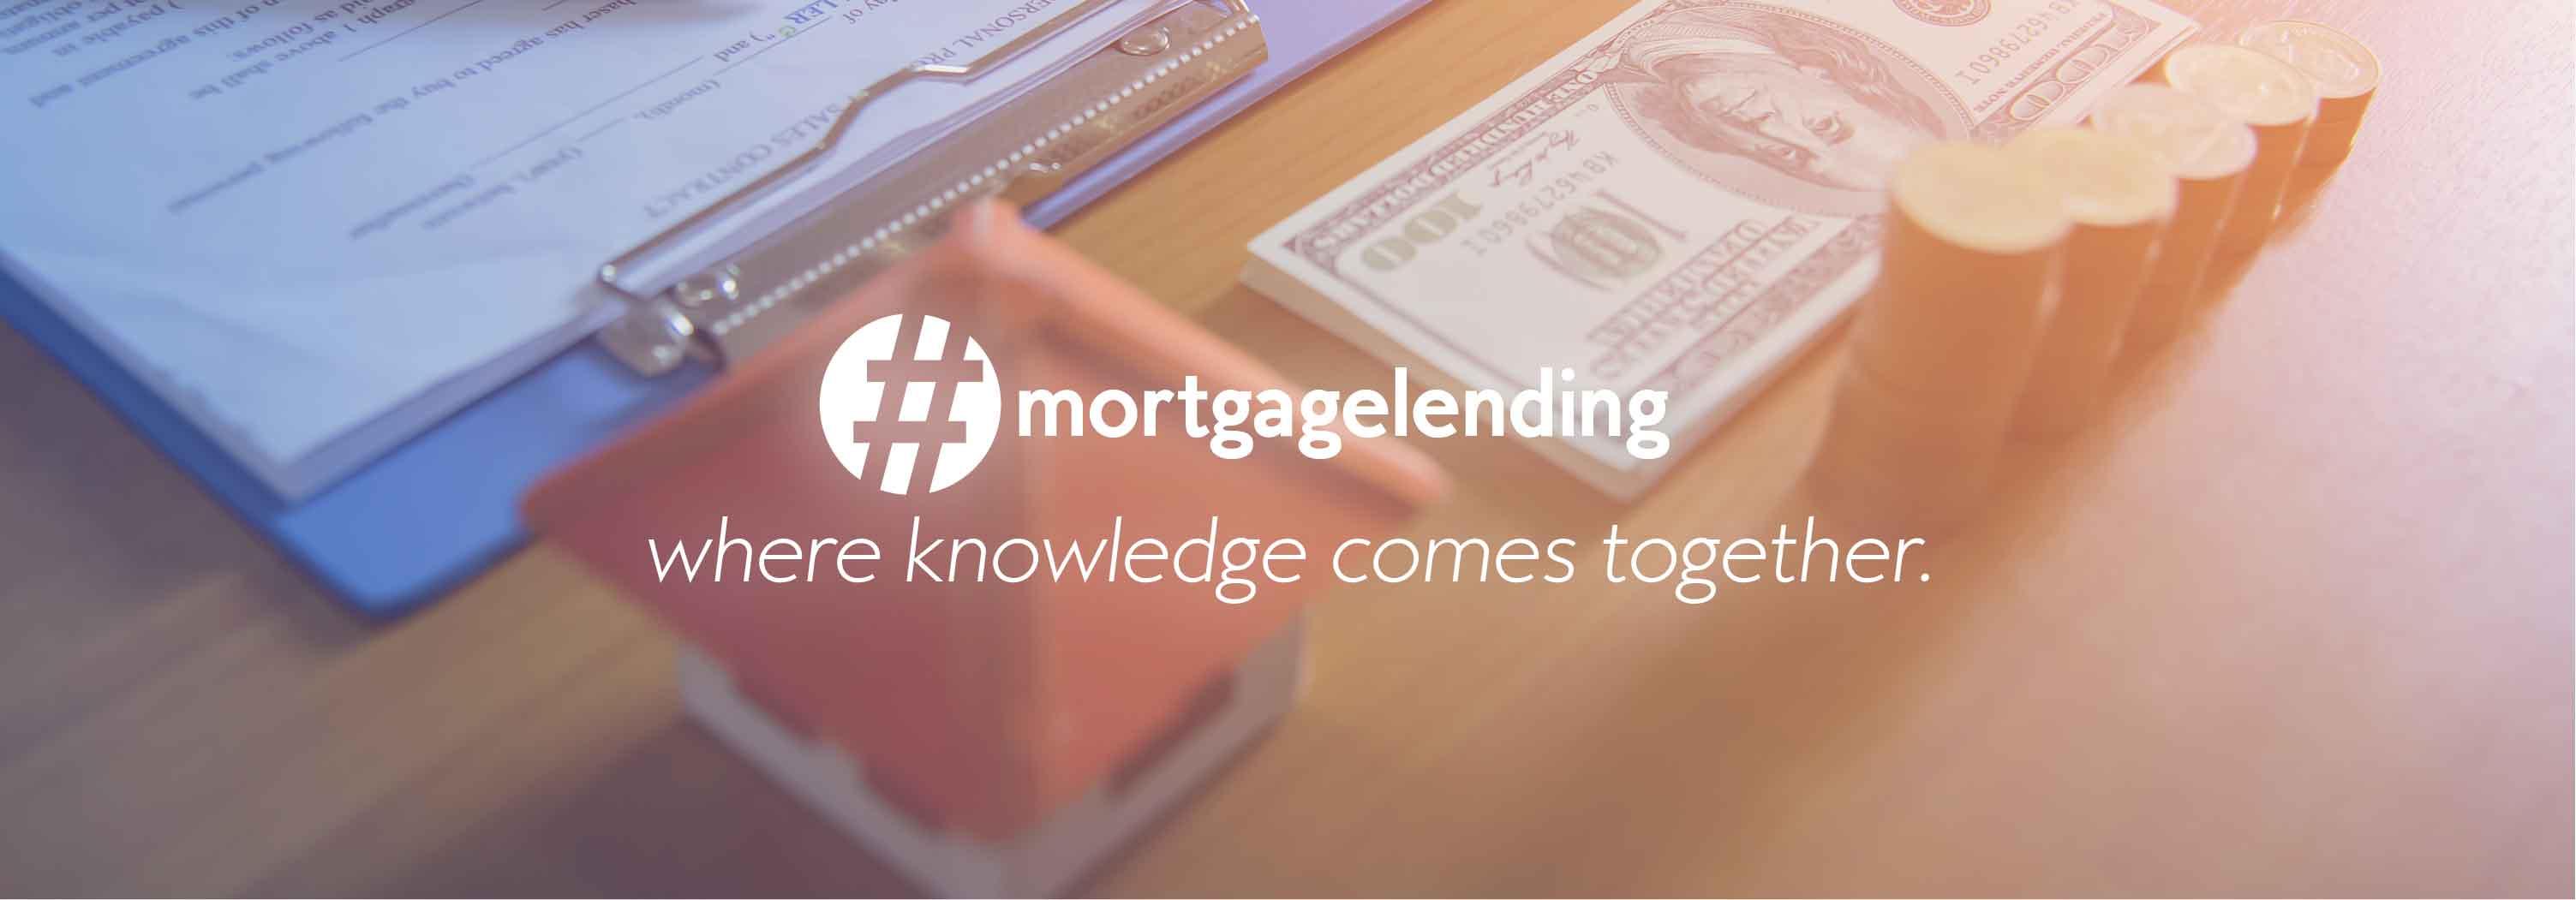 #MortgageLendingHeader_v2-01.jpg